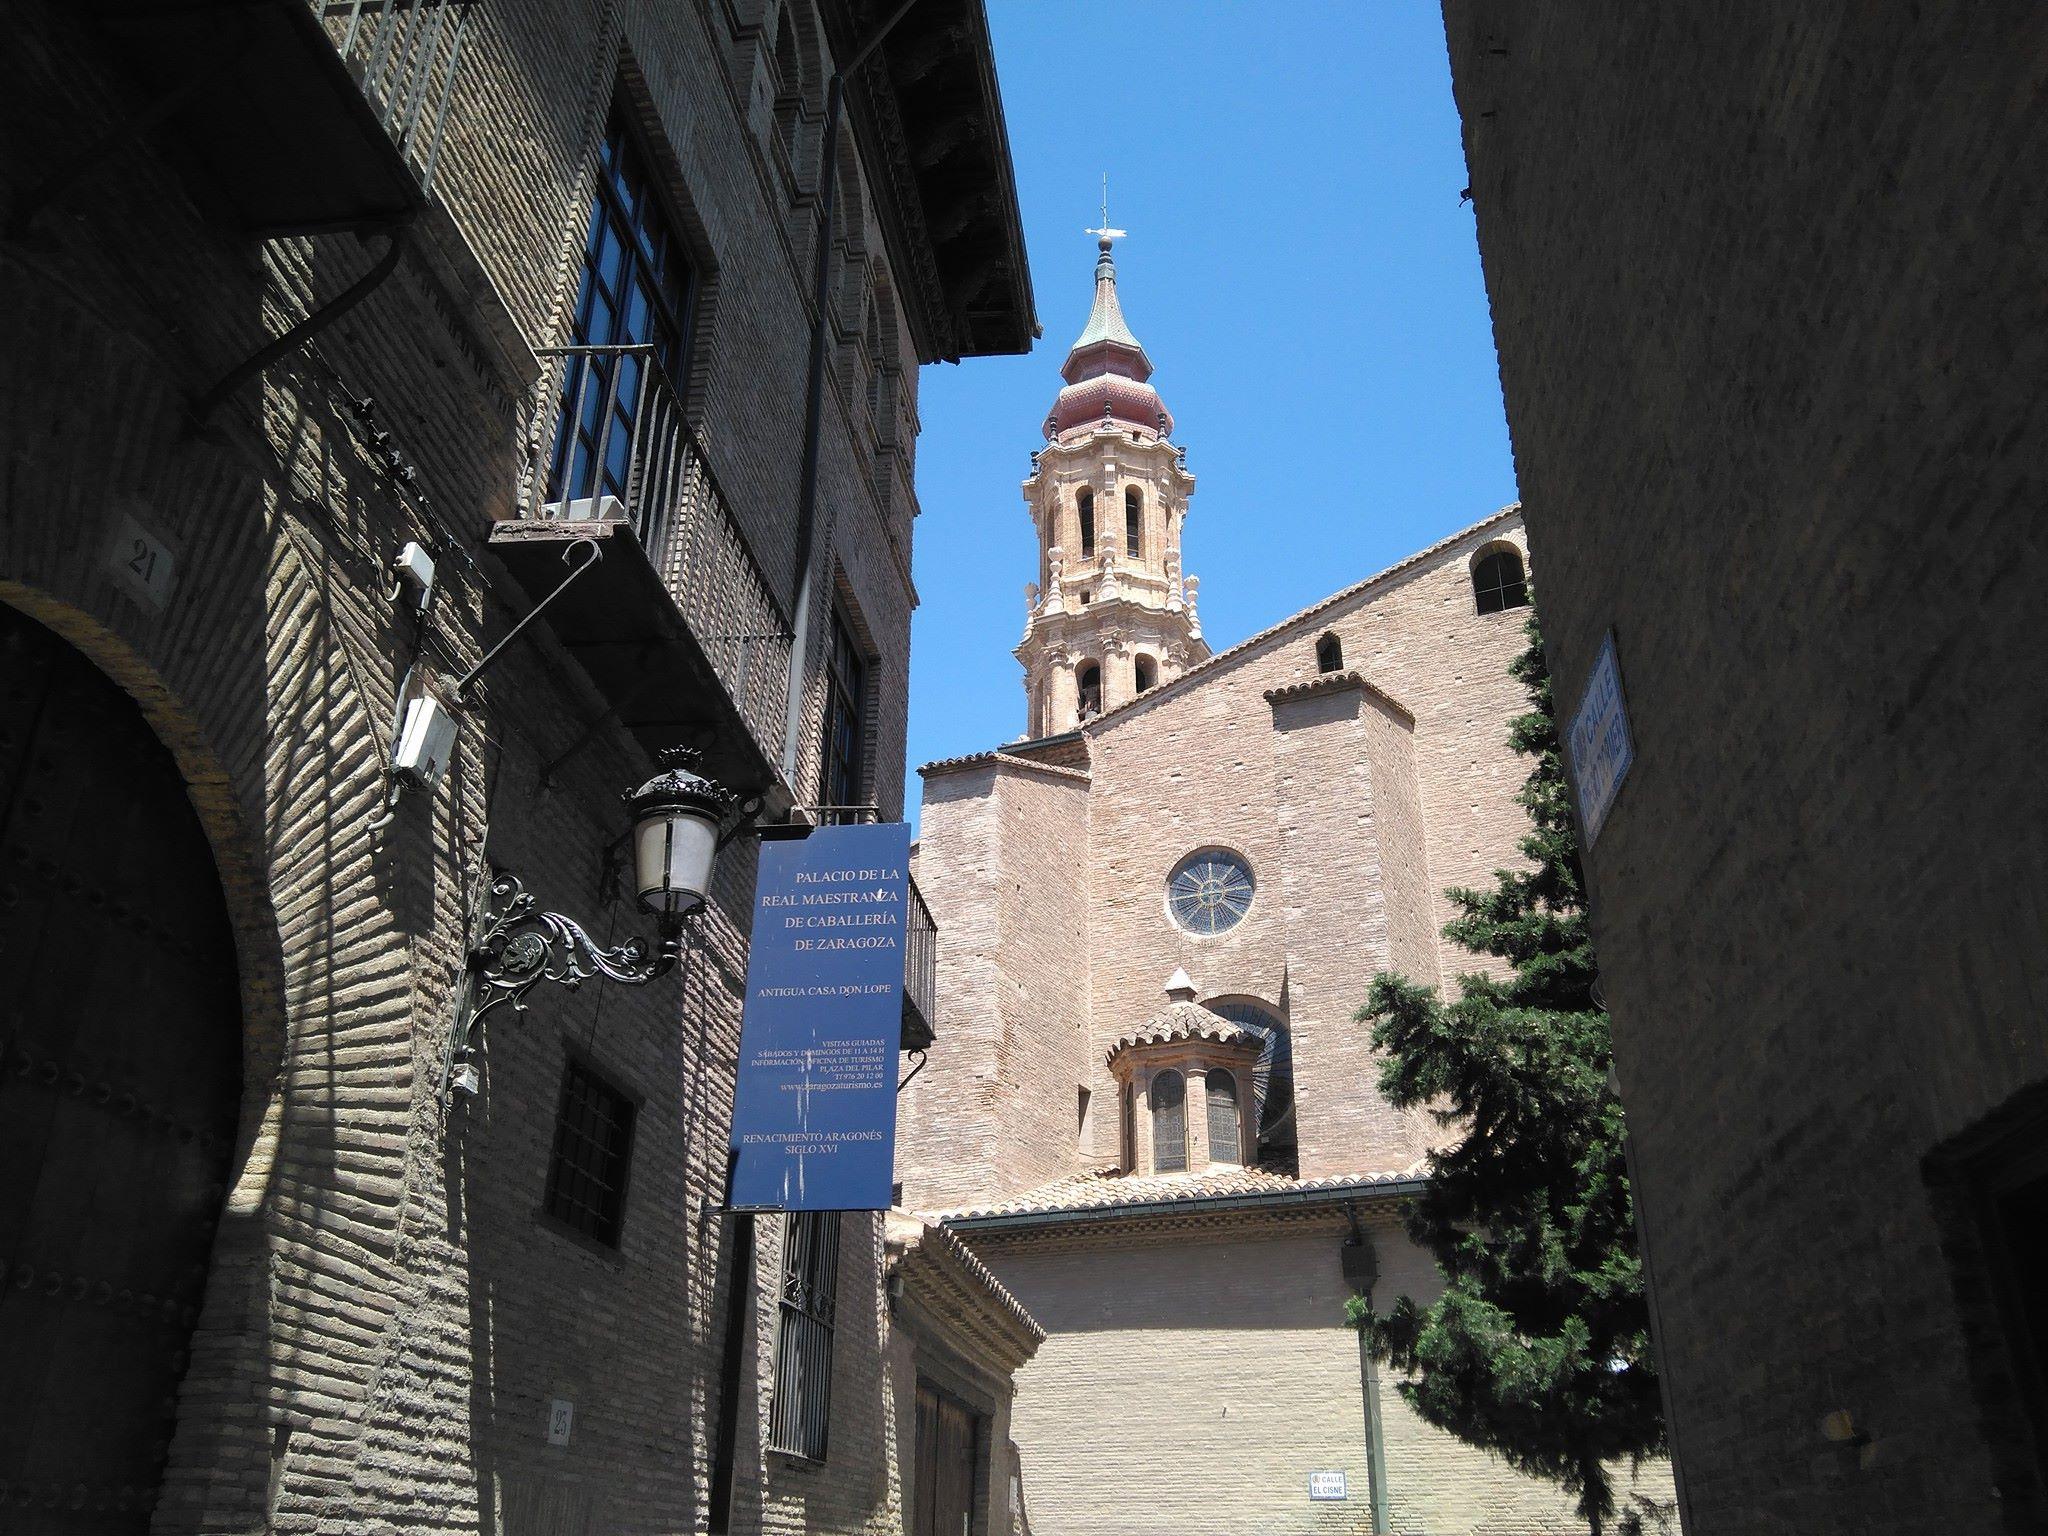 Vista de la Real Maestranza de Caballería y La Seo desde la Plaza Santa Marta